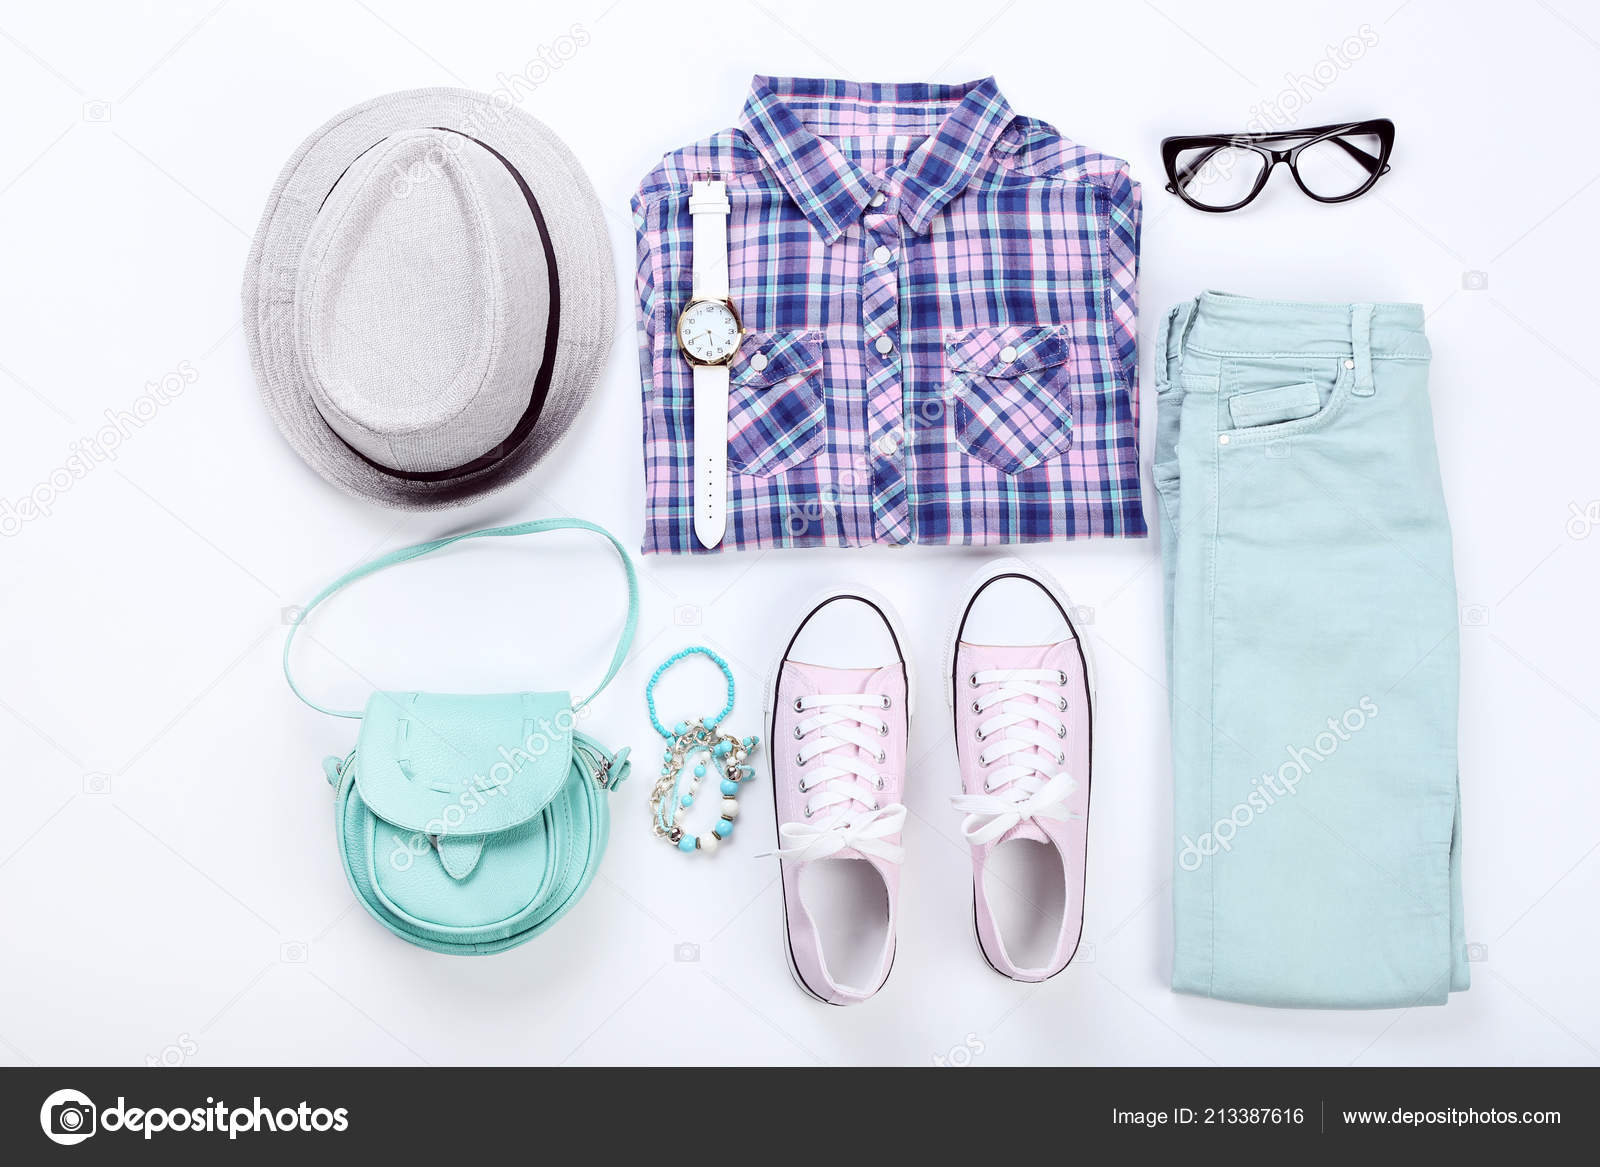 f97ab8e89cf7 Roupas Femininas Modernas Com Acessórios Fundo Branco — Fotografia de Stock